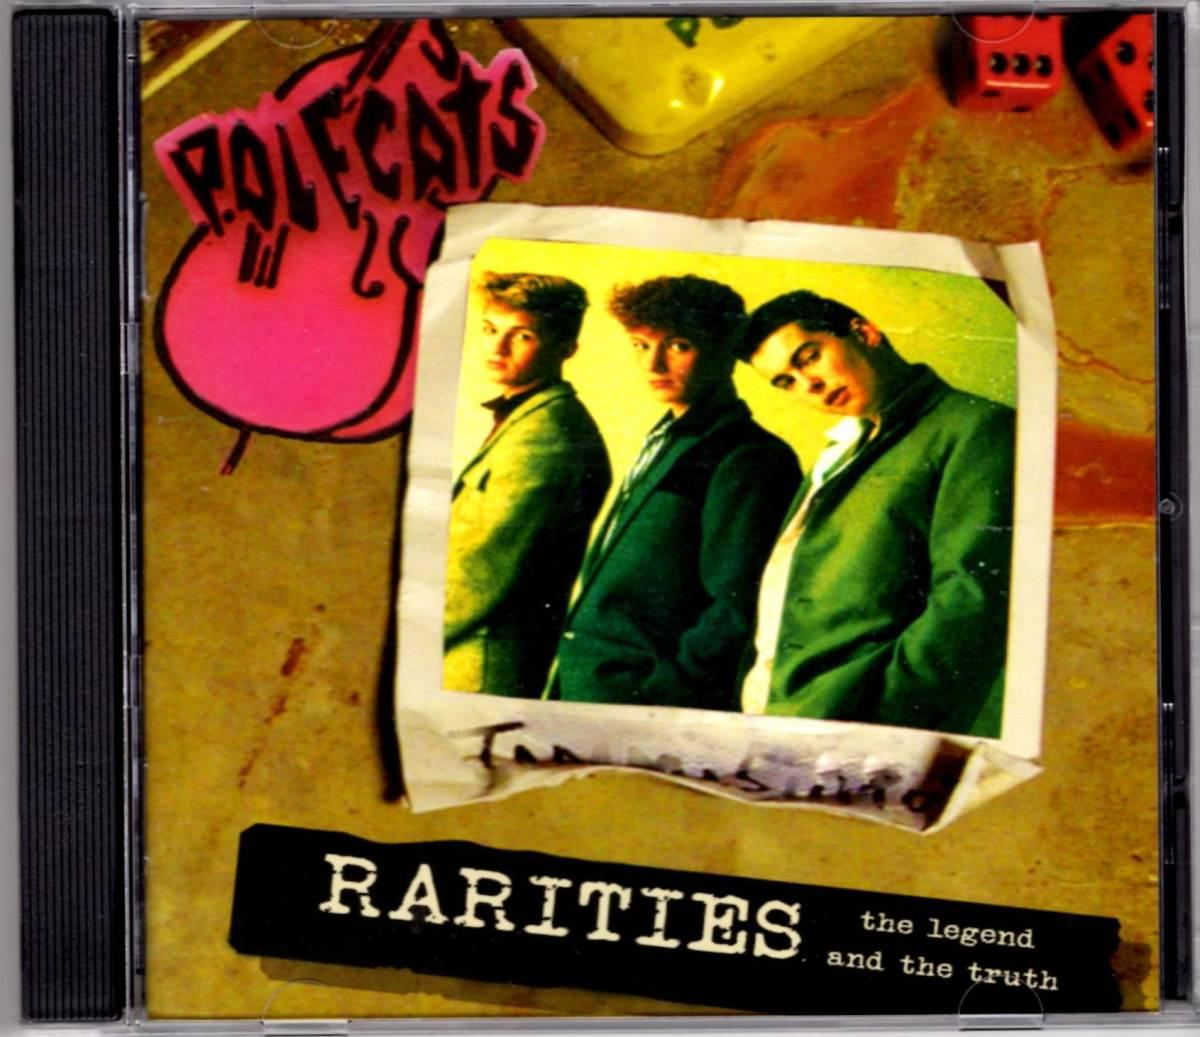 送料無料・新品 POLECATS - RARITIES CD / UK ネオロカビリー LEGEND! 80s超貴重音源集! TIM POLECAT, BOZ BOORER 超かっこいい!!